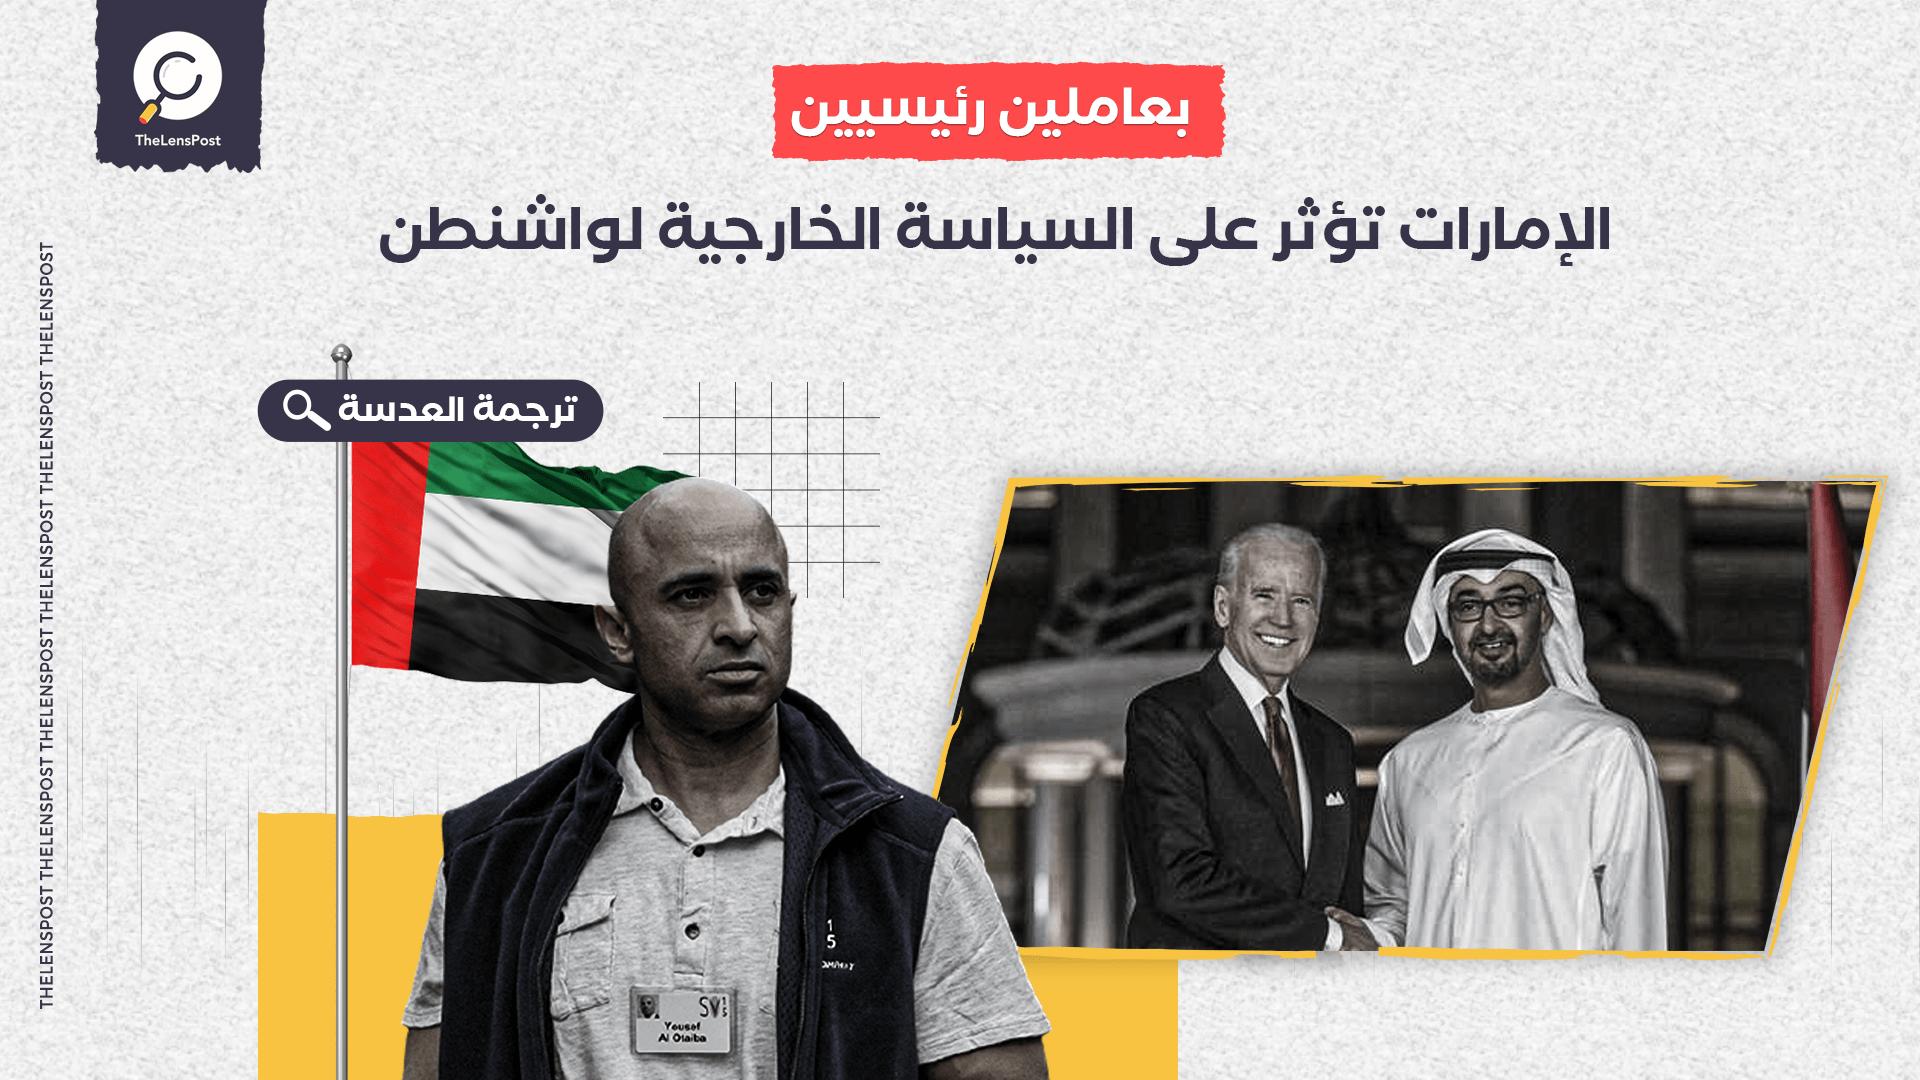 لوموند: بعاملين رئيسيين.. الإمارات تؤثر على السياسة الخارجية لواشنطن